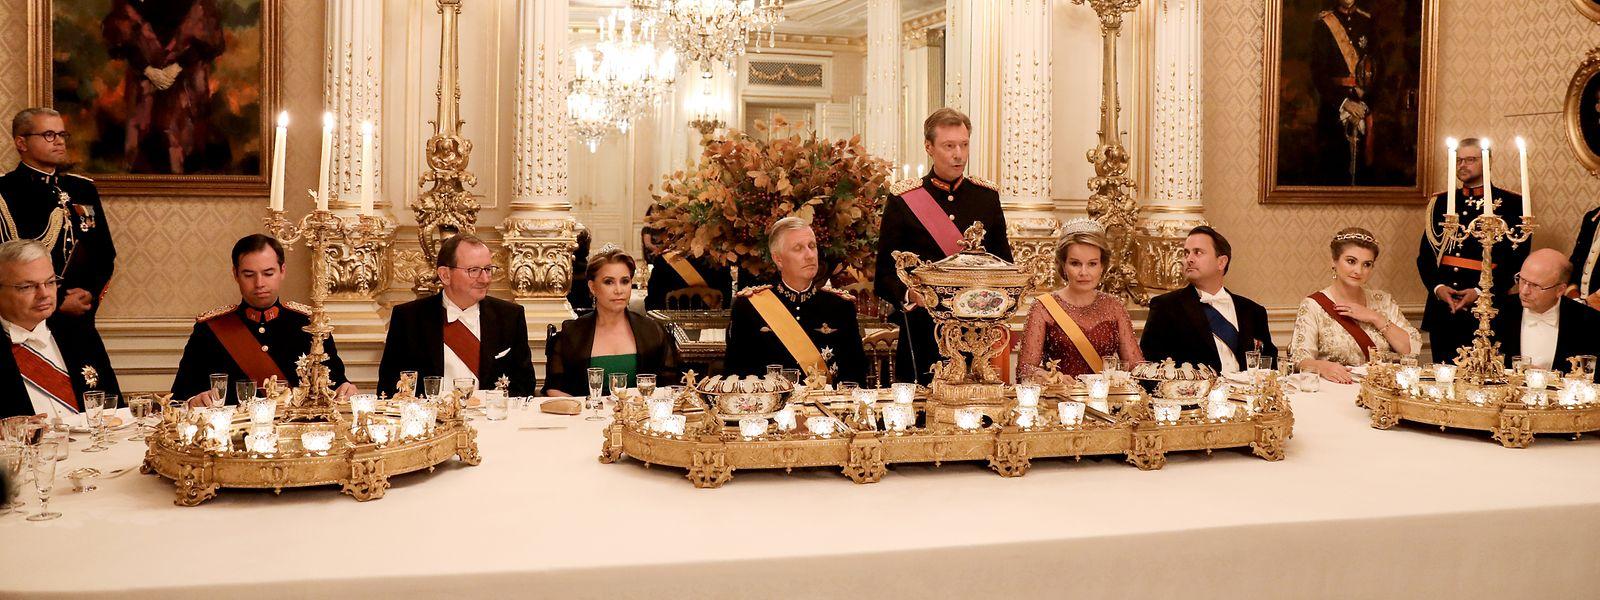 Großherzog Henri betonte bei dem Dinner die enge Partnerschaft der Nachbarländer Belgien und Luxemburg.